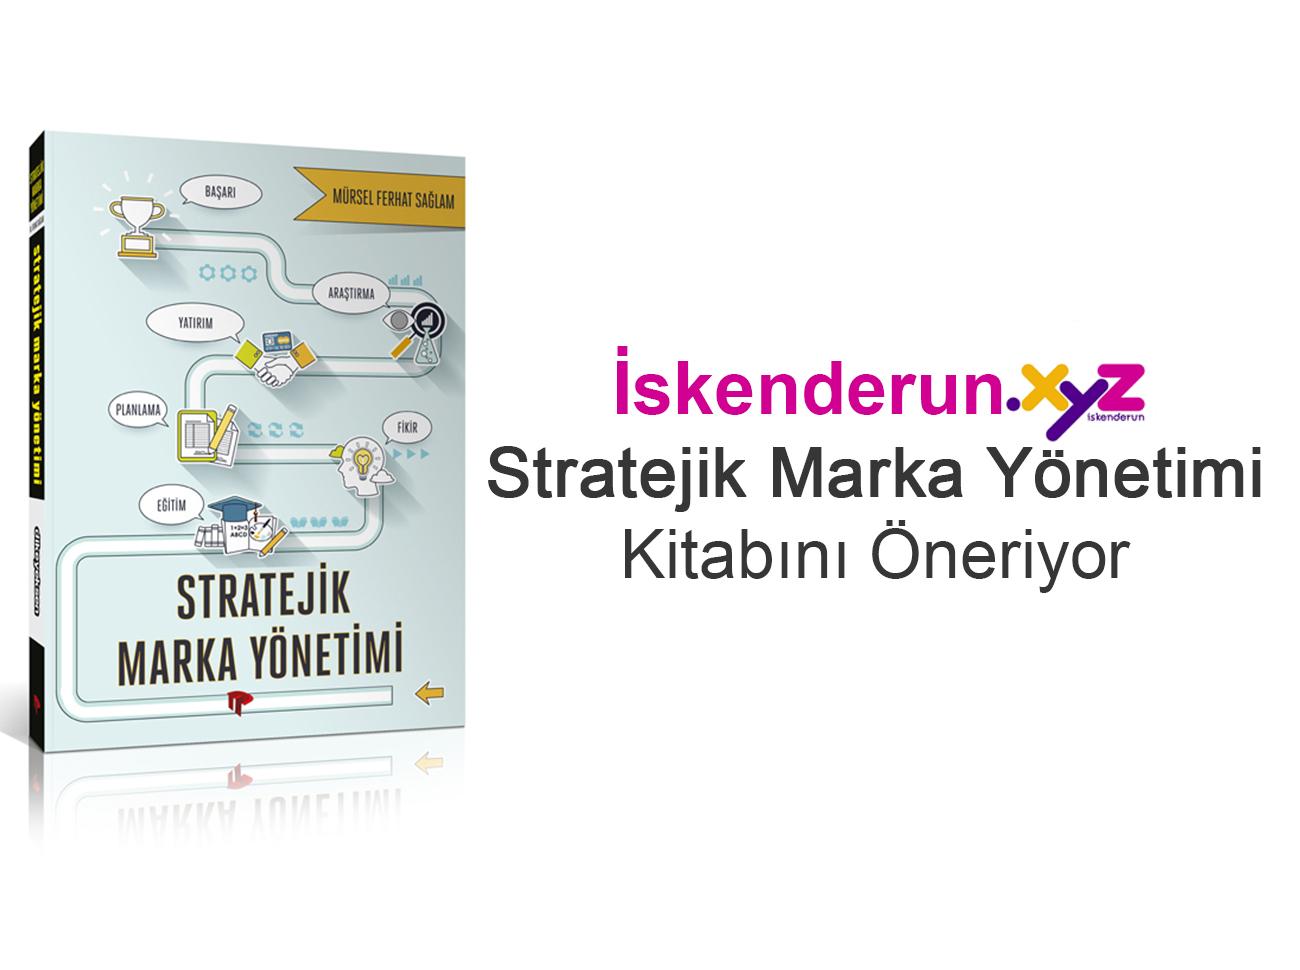 İskenderun XYZ Stratejik Marka Yönetimi Kitabını Öneriyor